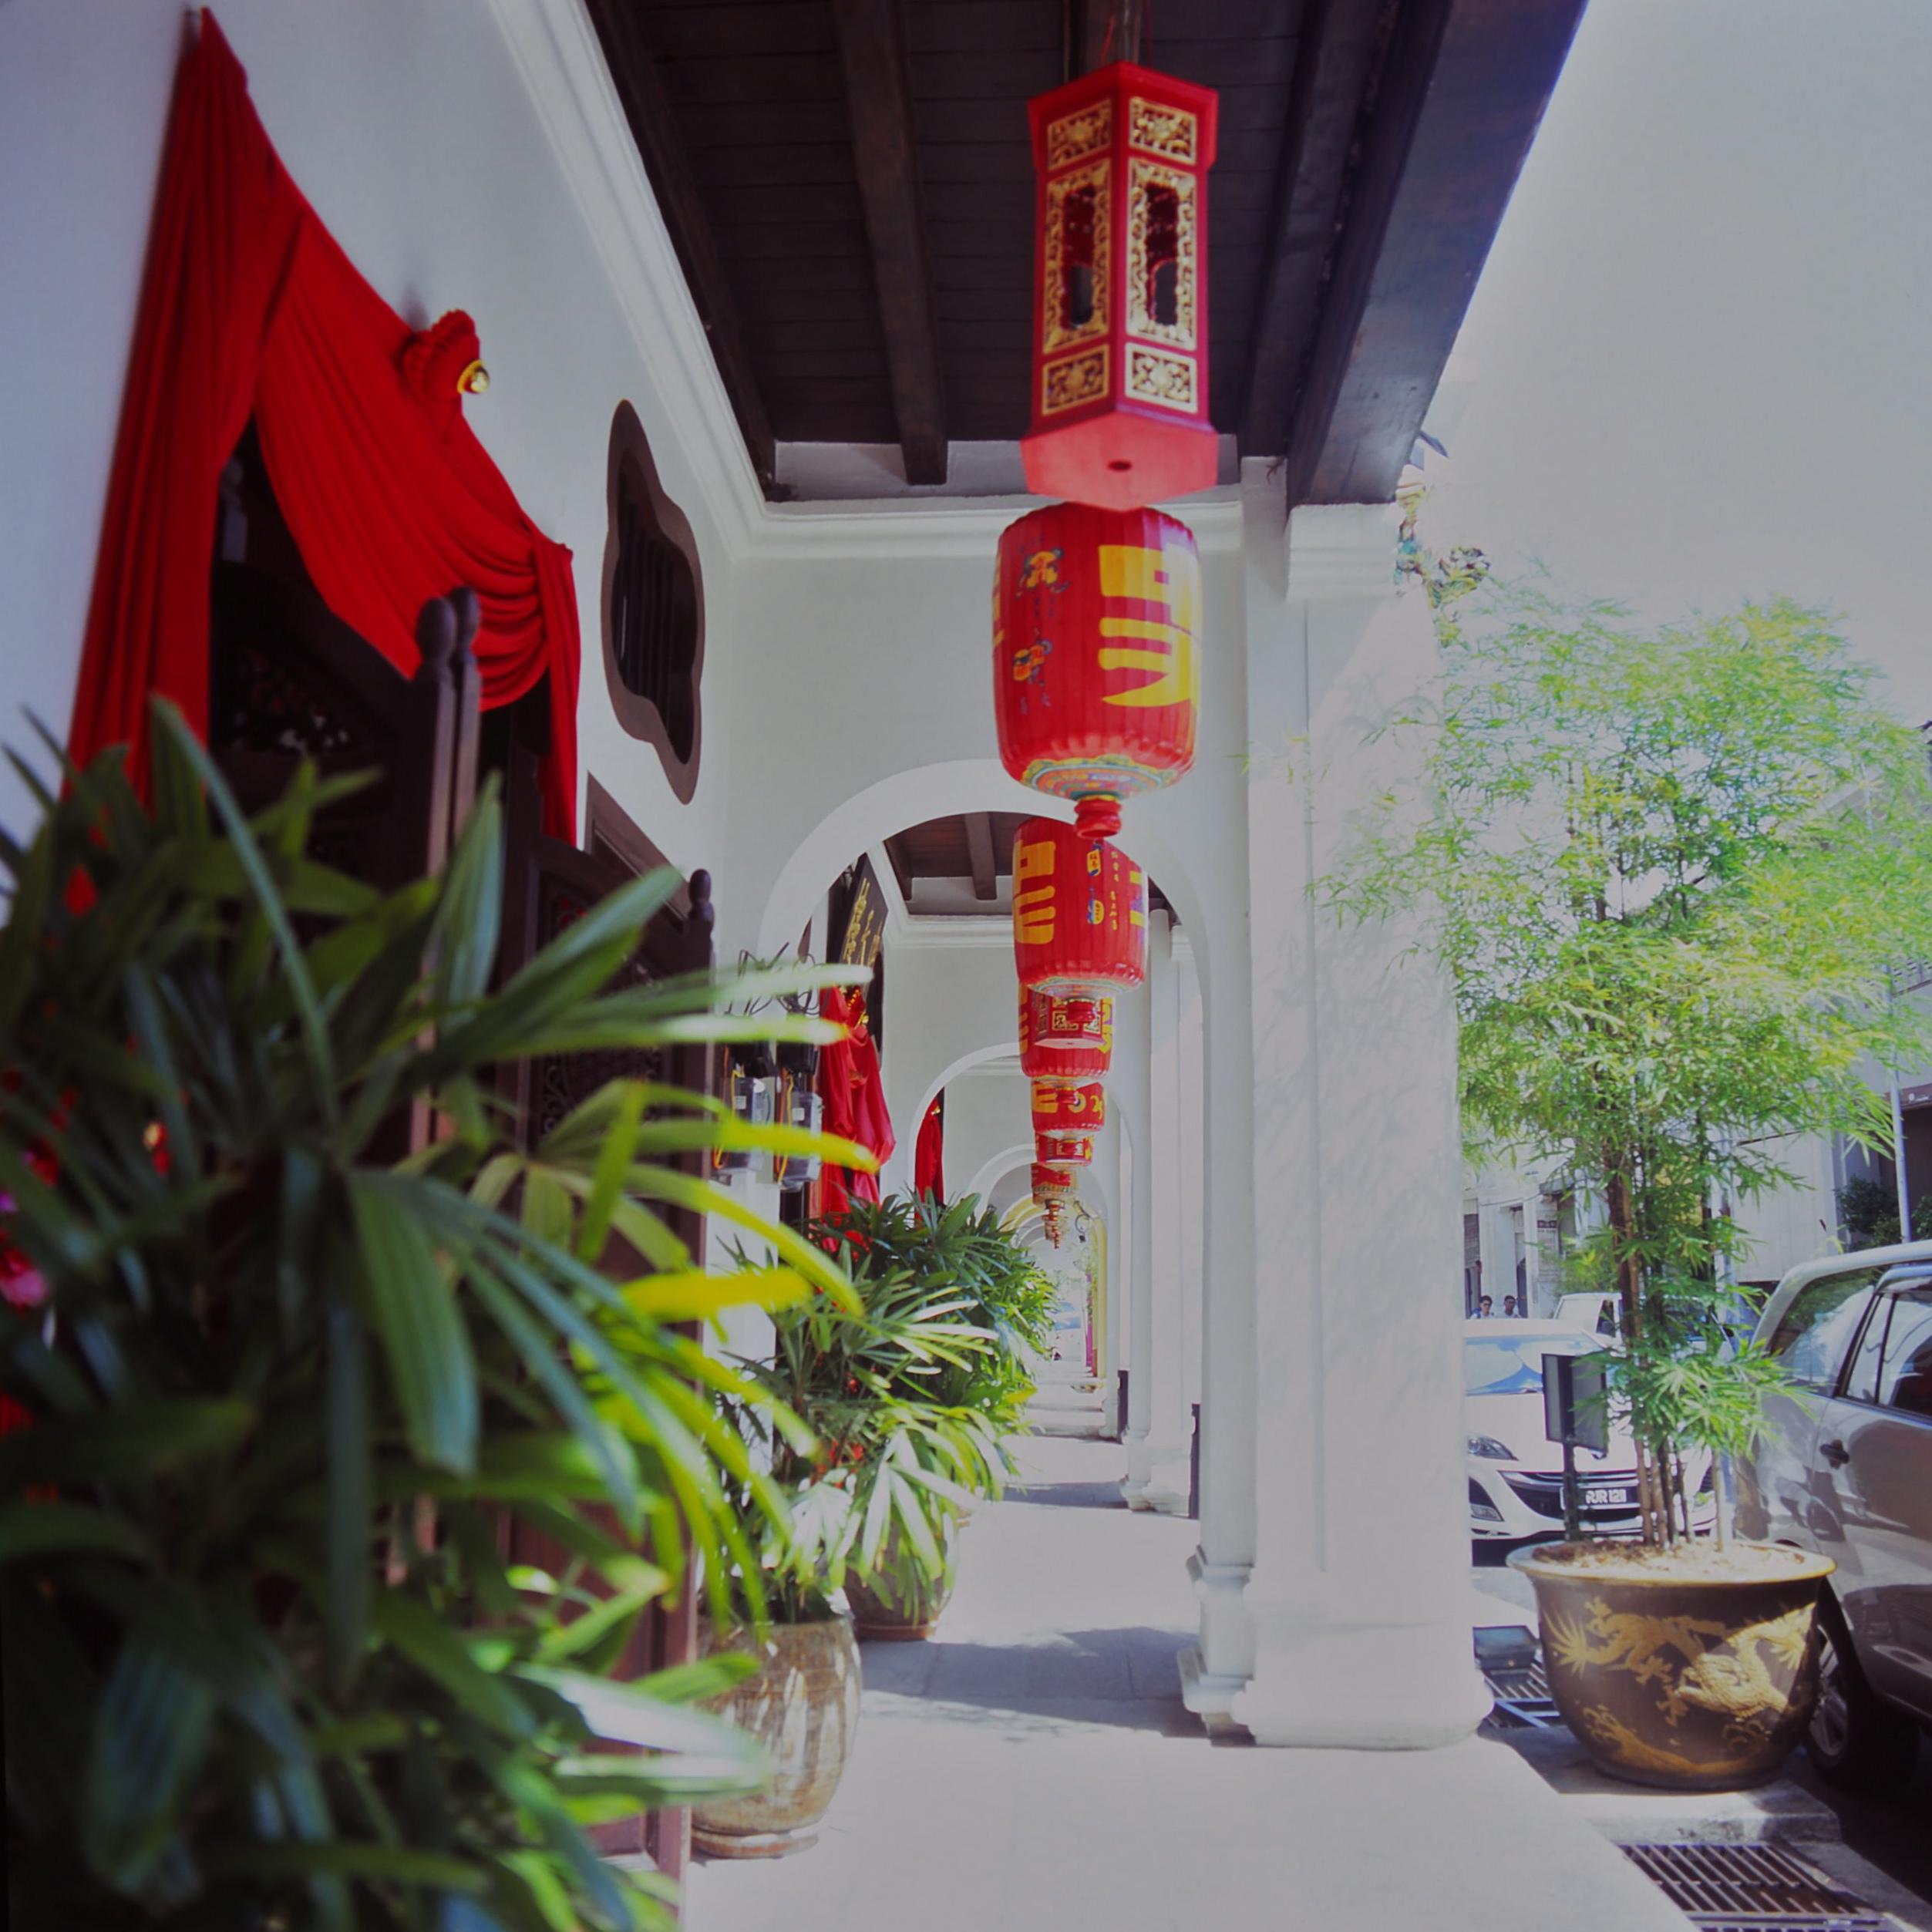 中天ホテル ペナンのショップハウス penang shophouse